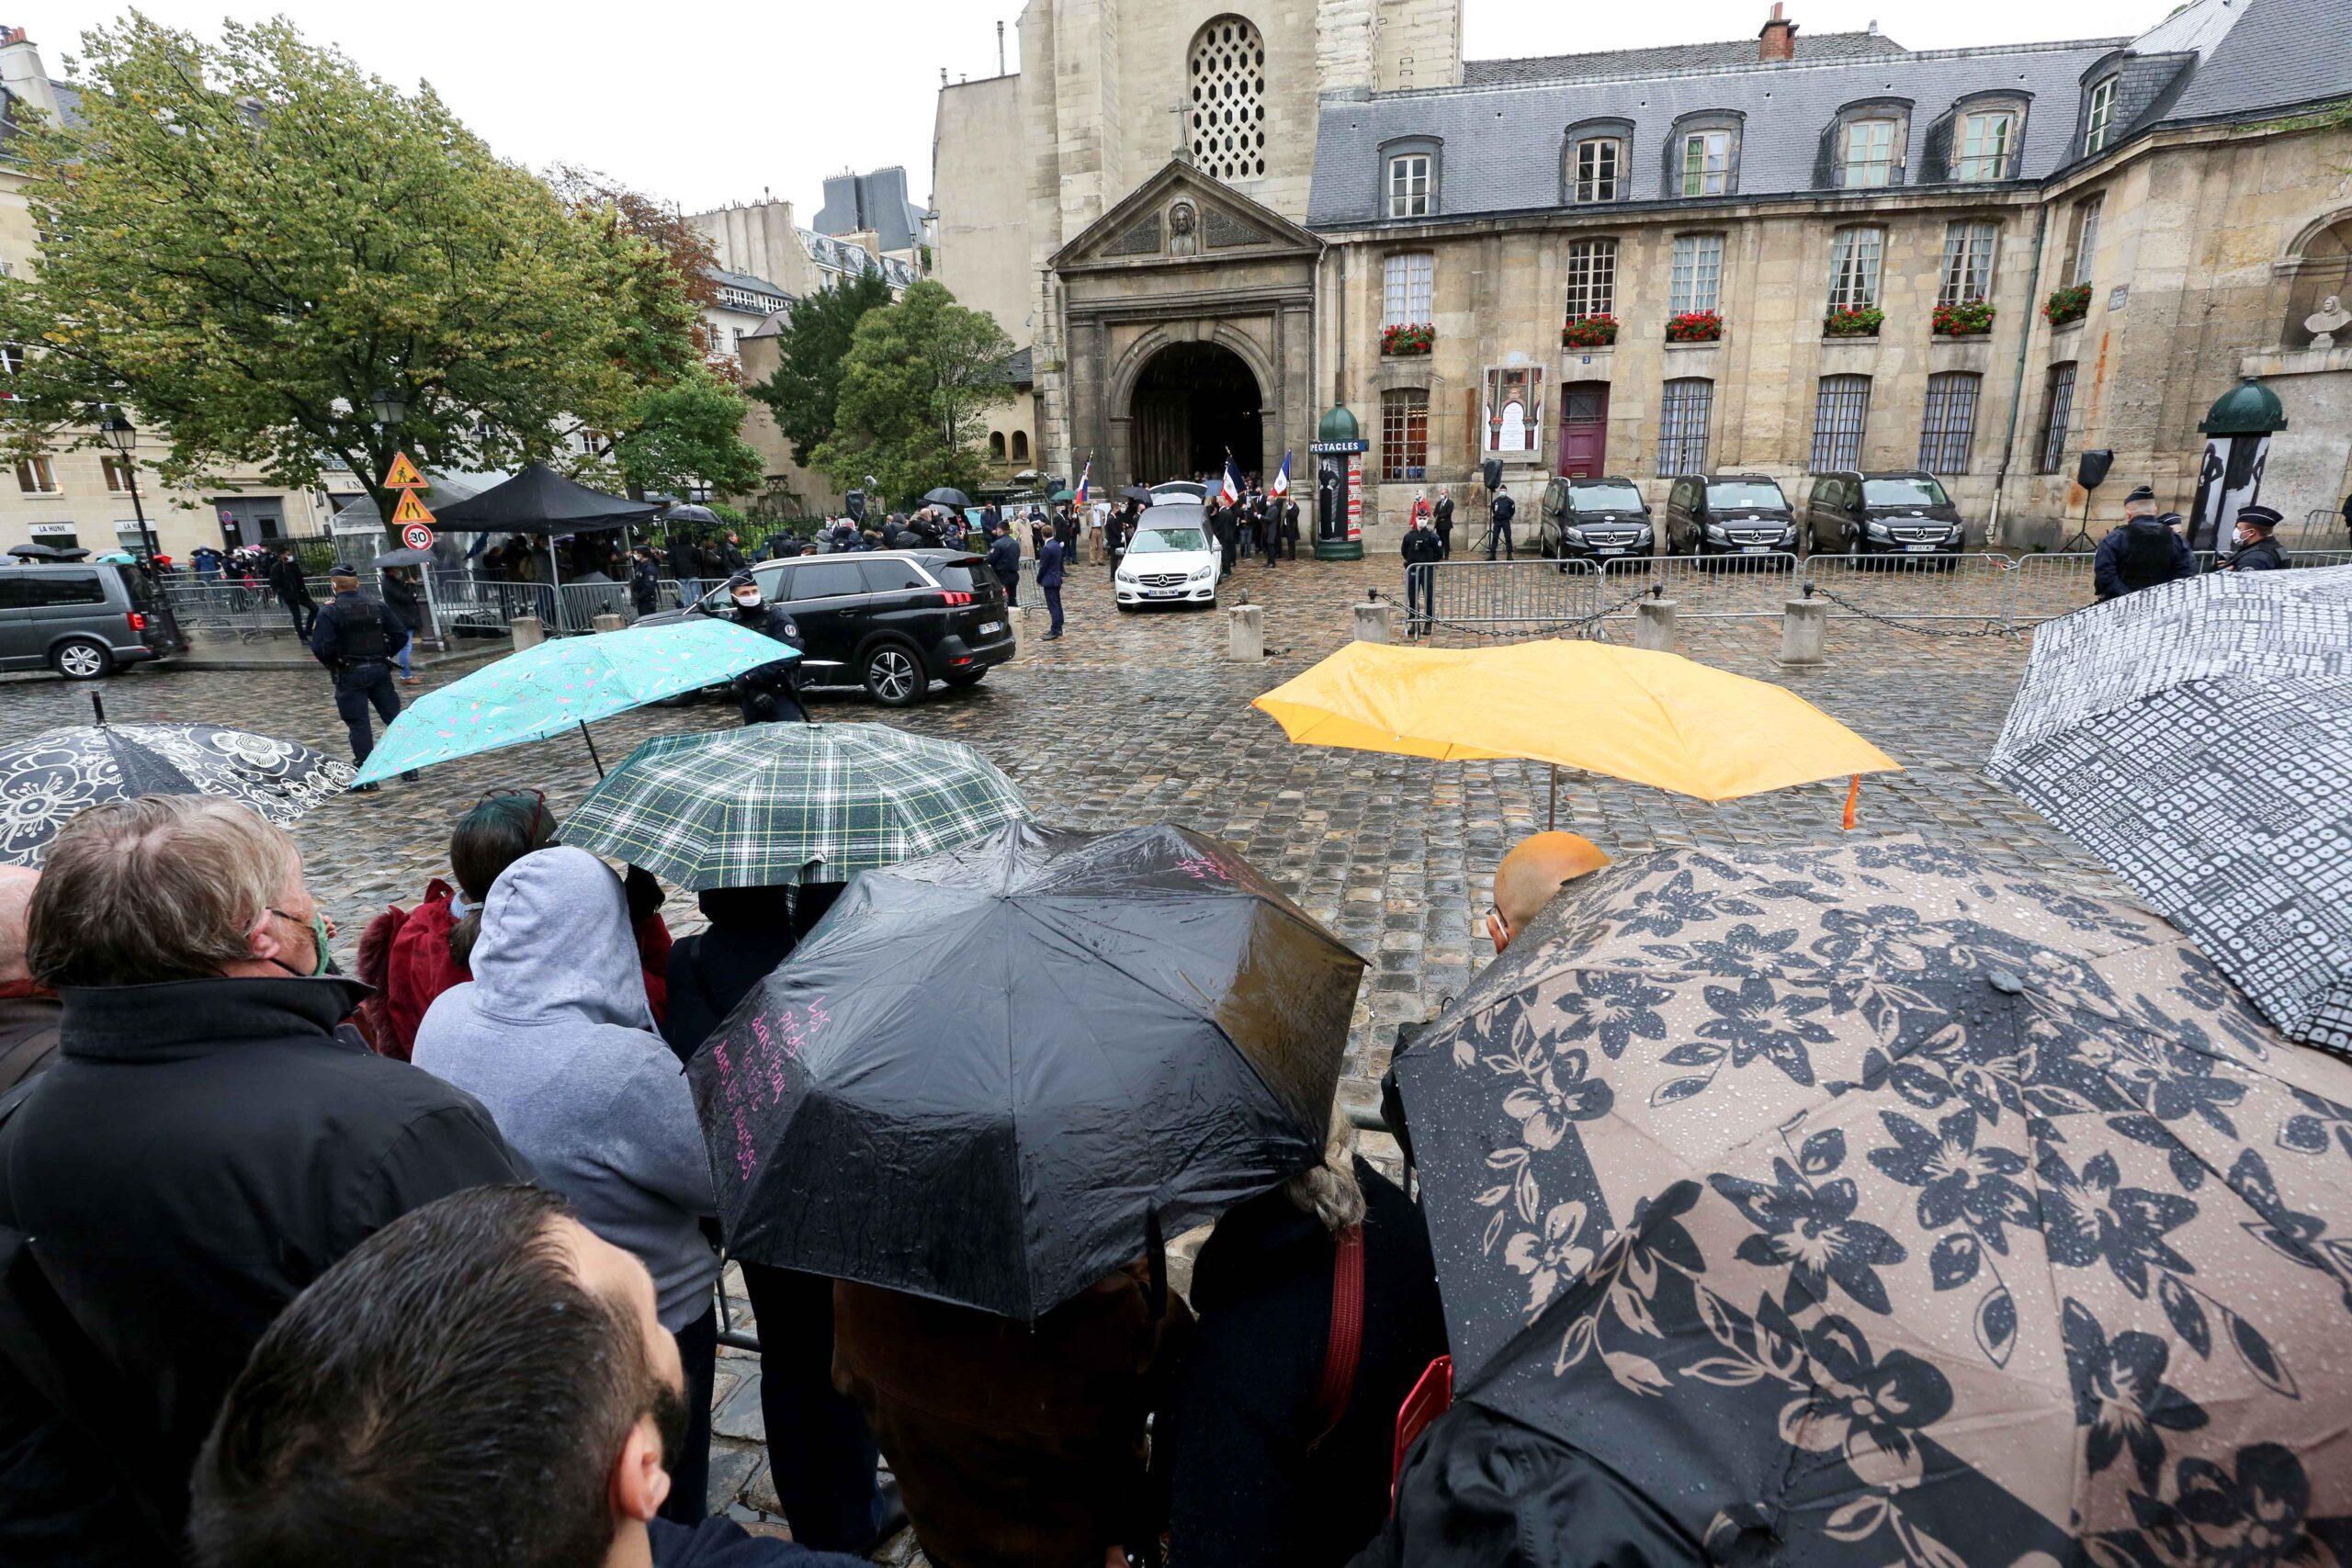 La foule sous la pluie devant l'église de Saint-Germain-des-Prés. © Michel Stoupak. Lun 05.10.2020, 14h58m08.